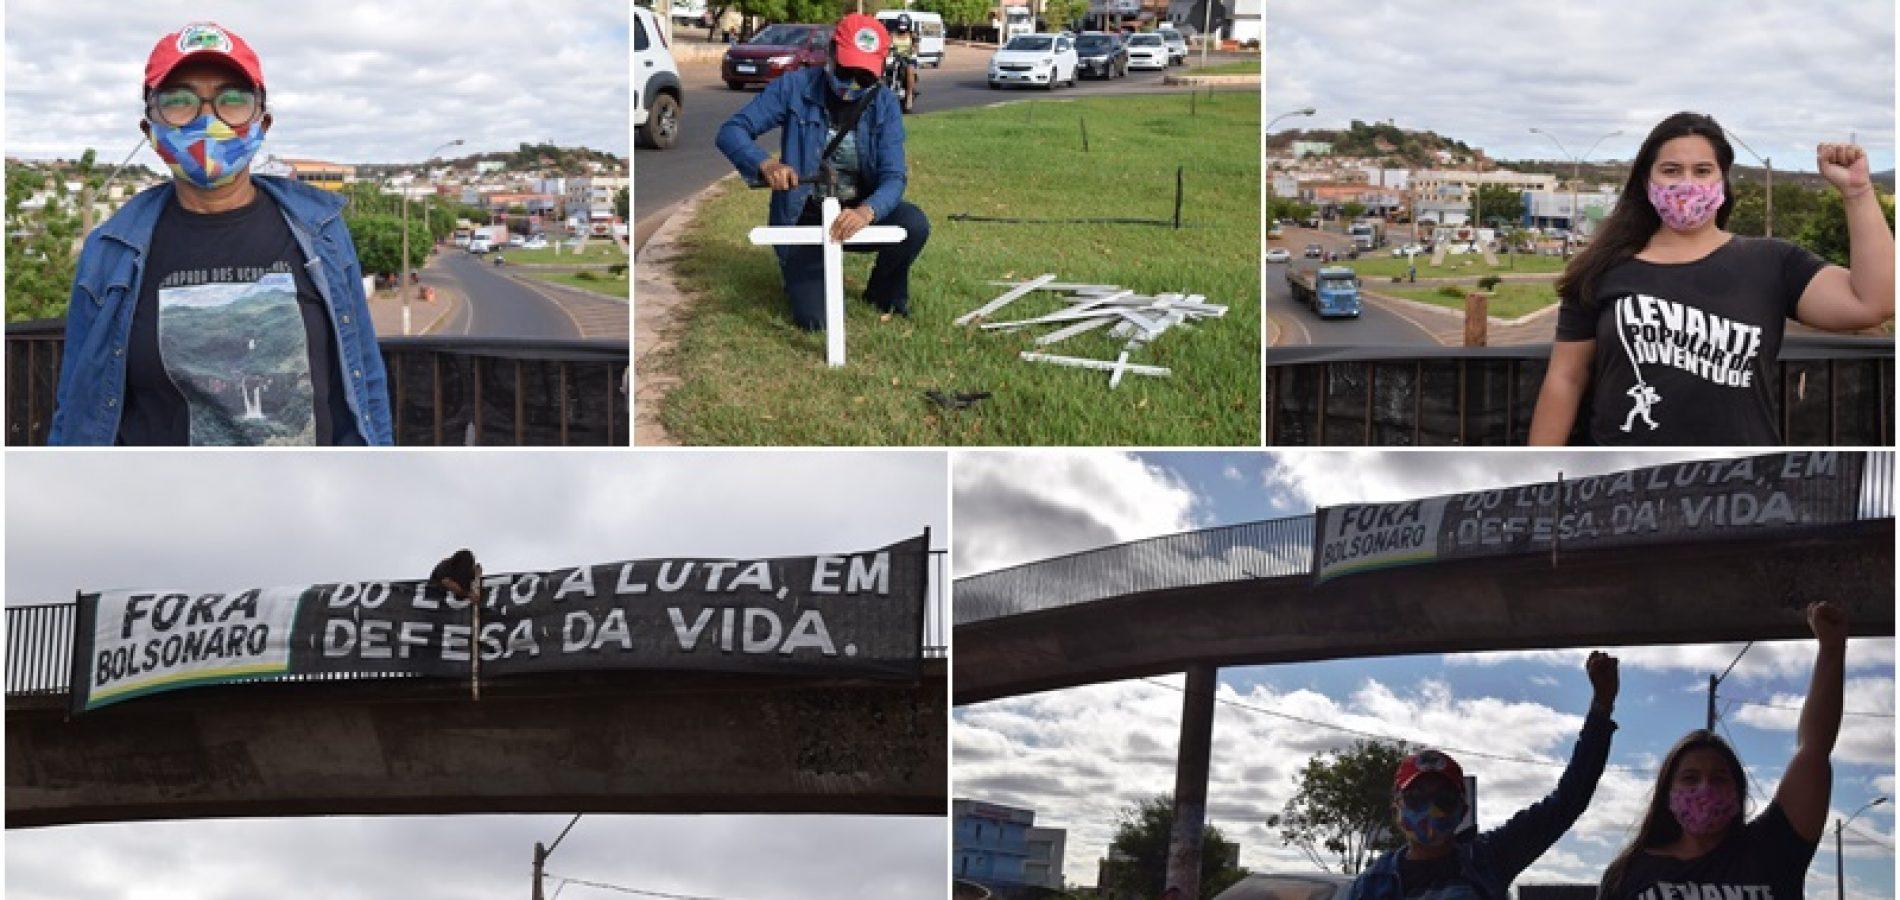 PICOS | Em defesa da vida, manifestantes espalham cruzes pelas mortes causadas pelo coronavírus